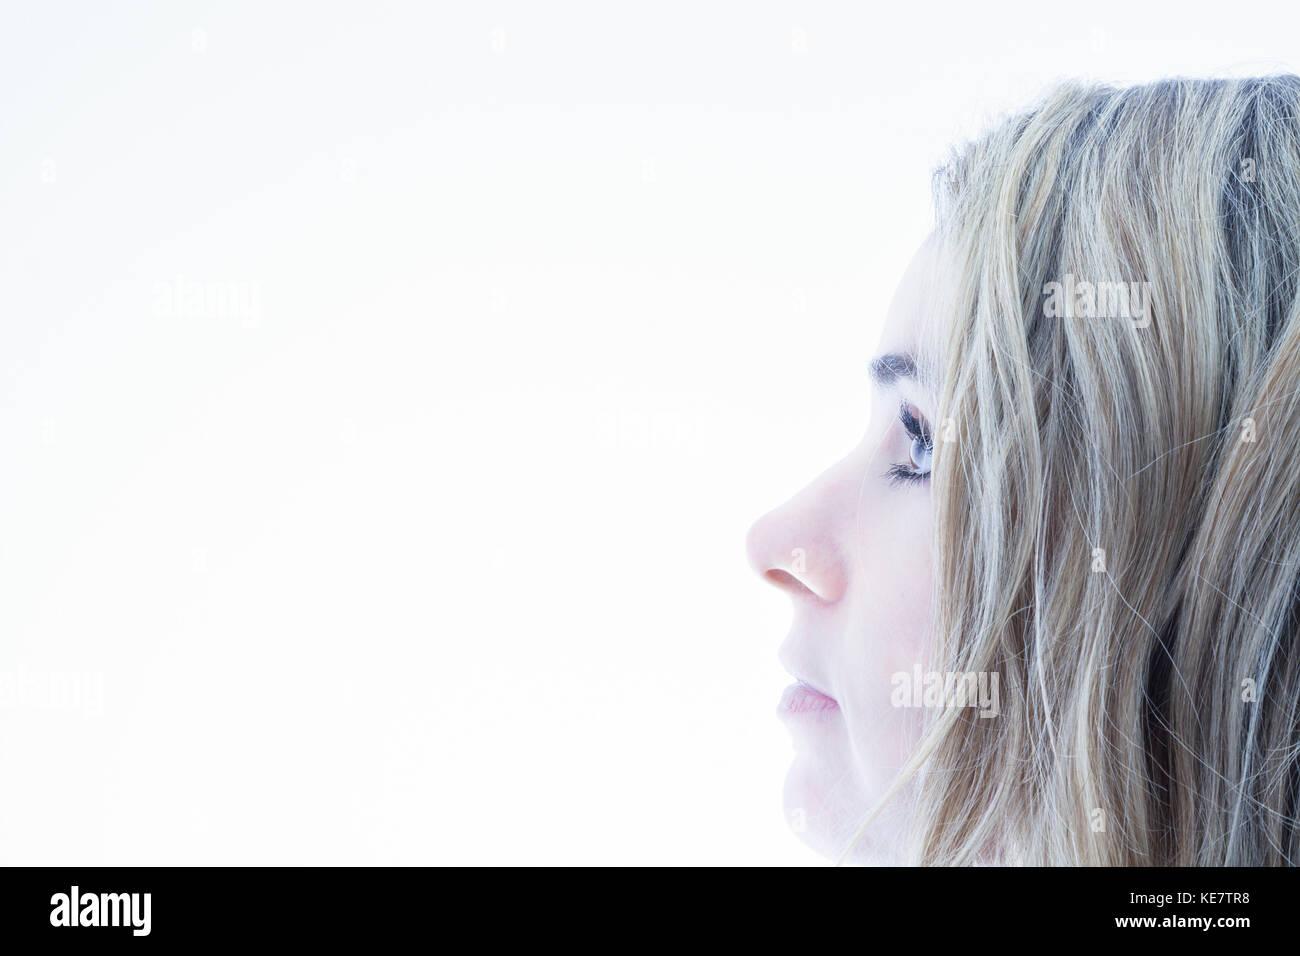 Profil d'un visage de femme aux cheveux blonds, Connecticut, États-Unis d'Amérique Photo Stock